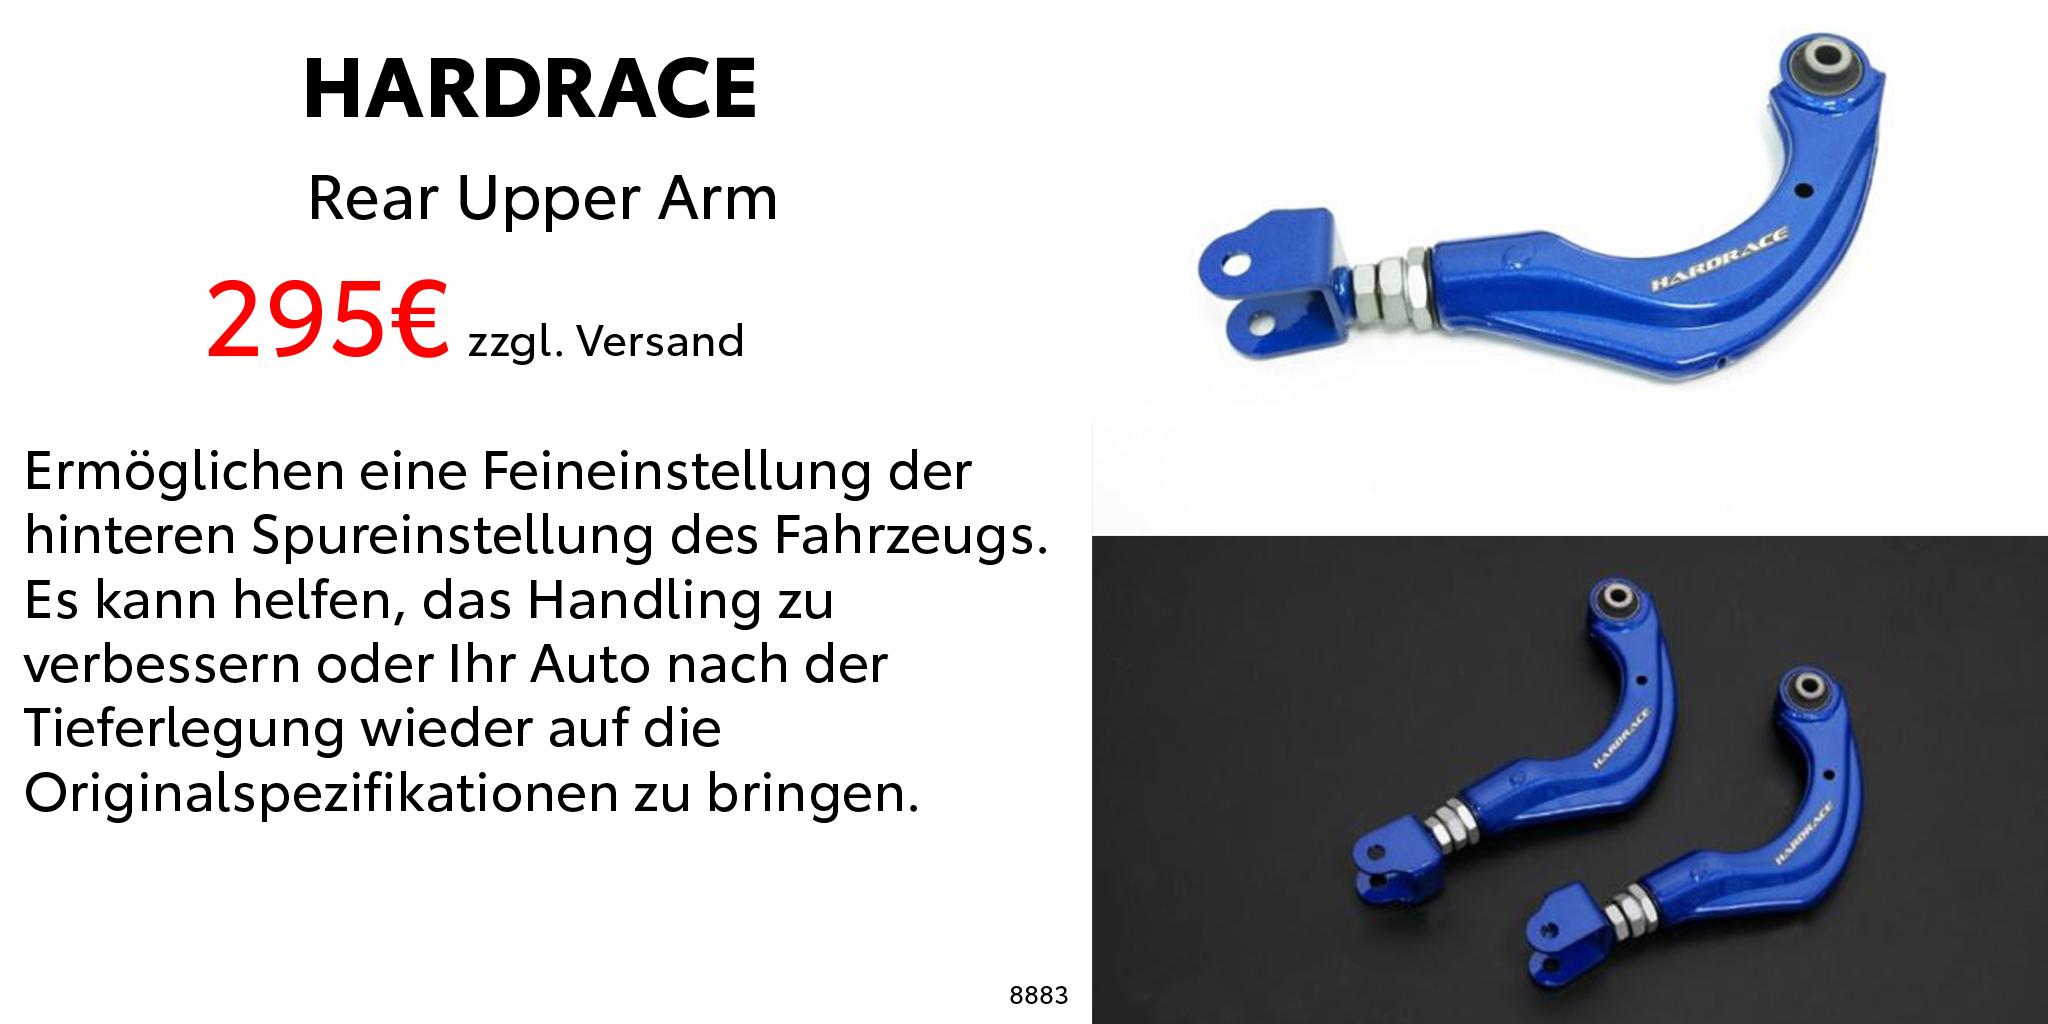 Hardrace_Rear-Upper-Arm